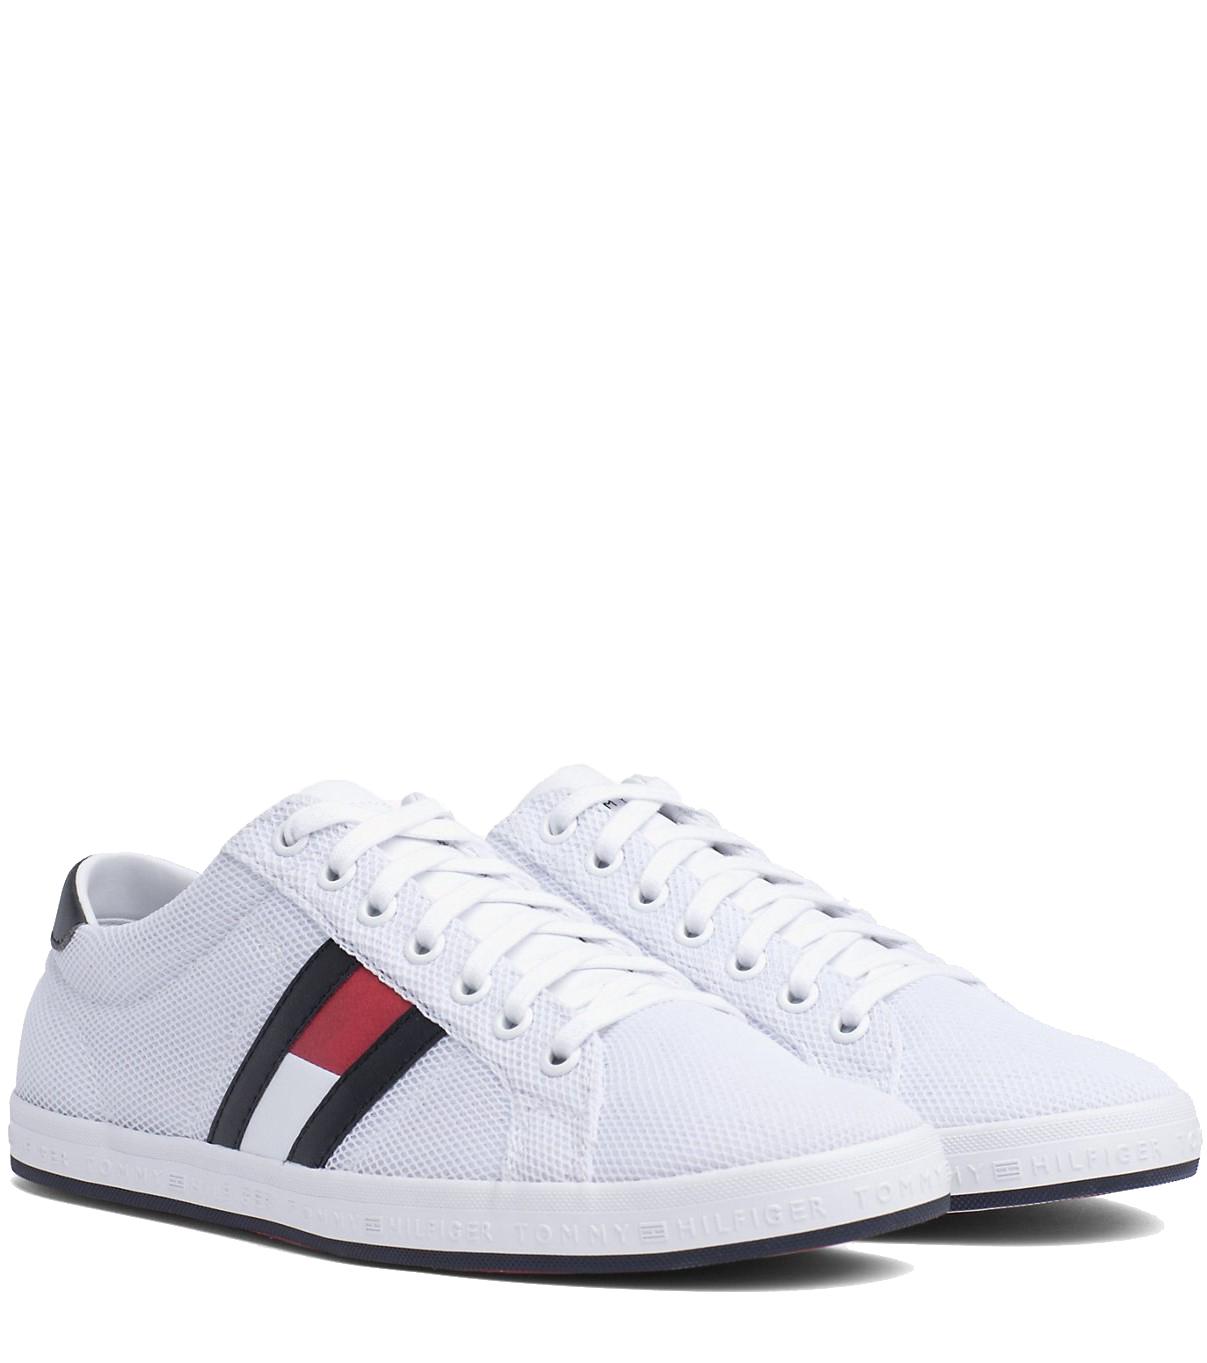 42abf431dd Tommy Hilfiger fehér férfi tornacipő Essential Flag Detail Sneaker White. Tommy  Hilfiger fehér férfi tornacipő ...